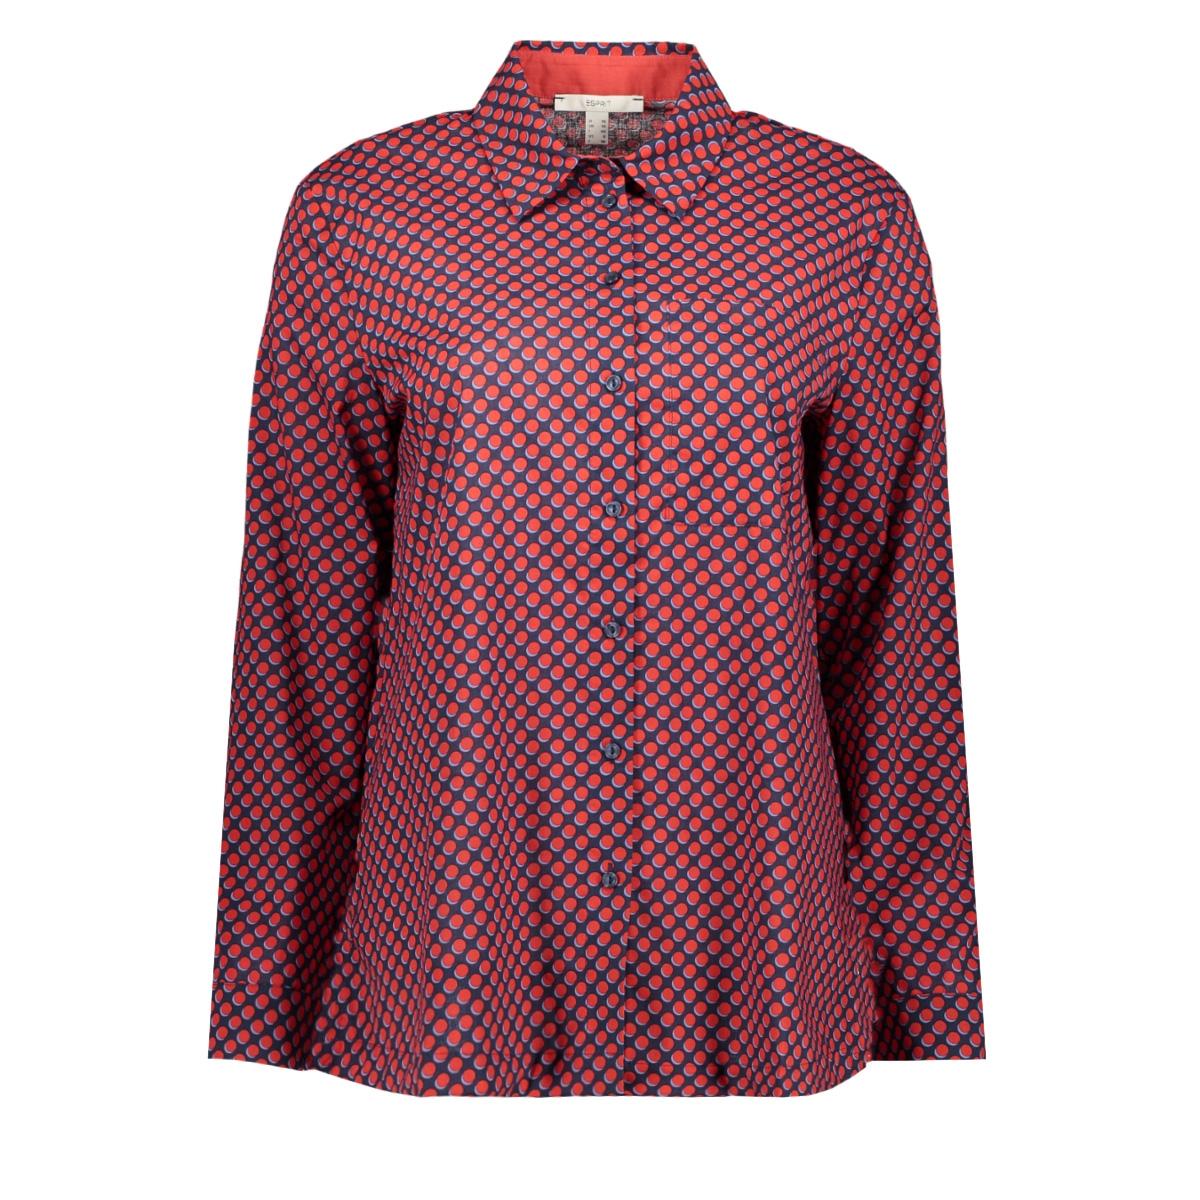 blouse met stippenpatroon 020ee1f305 esprit blouse e403